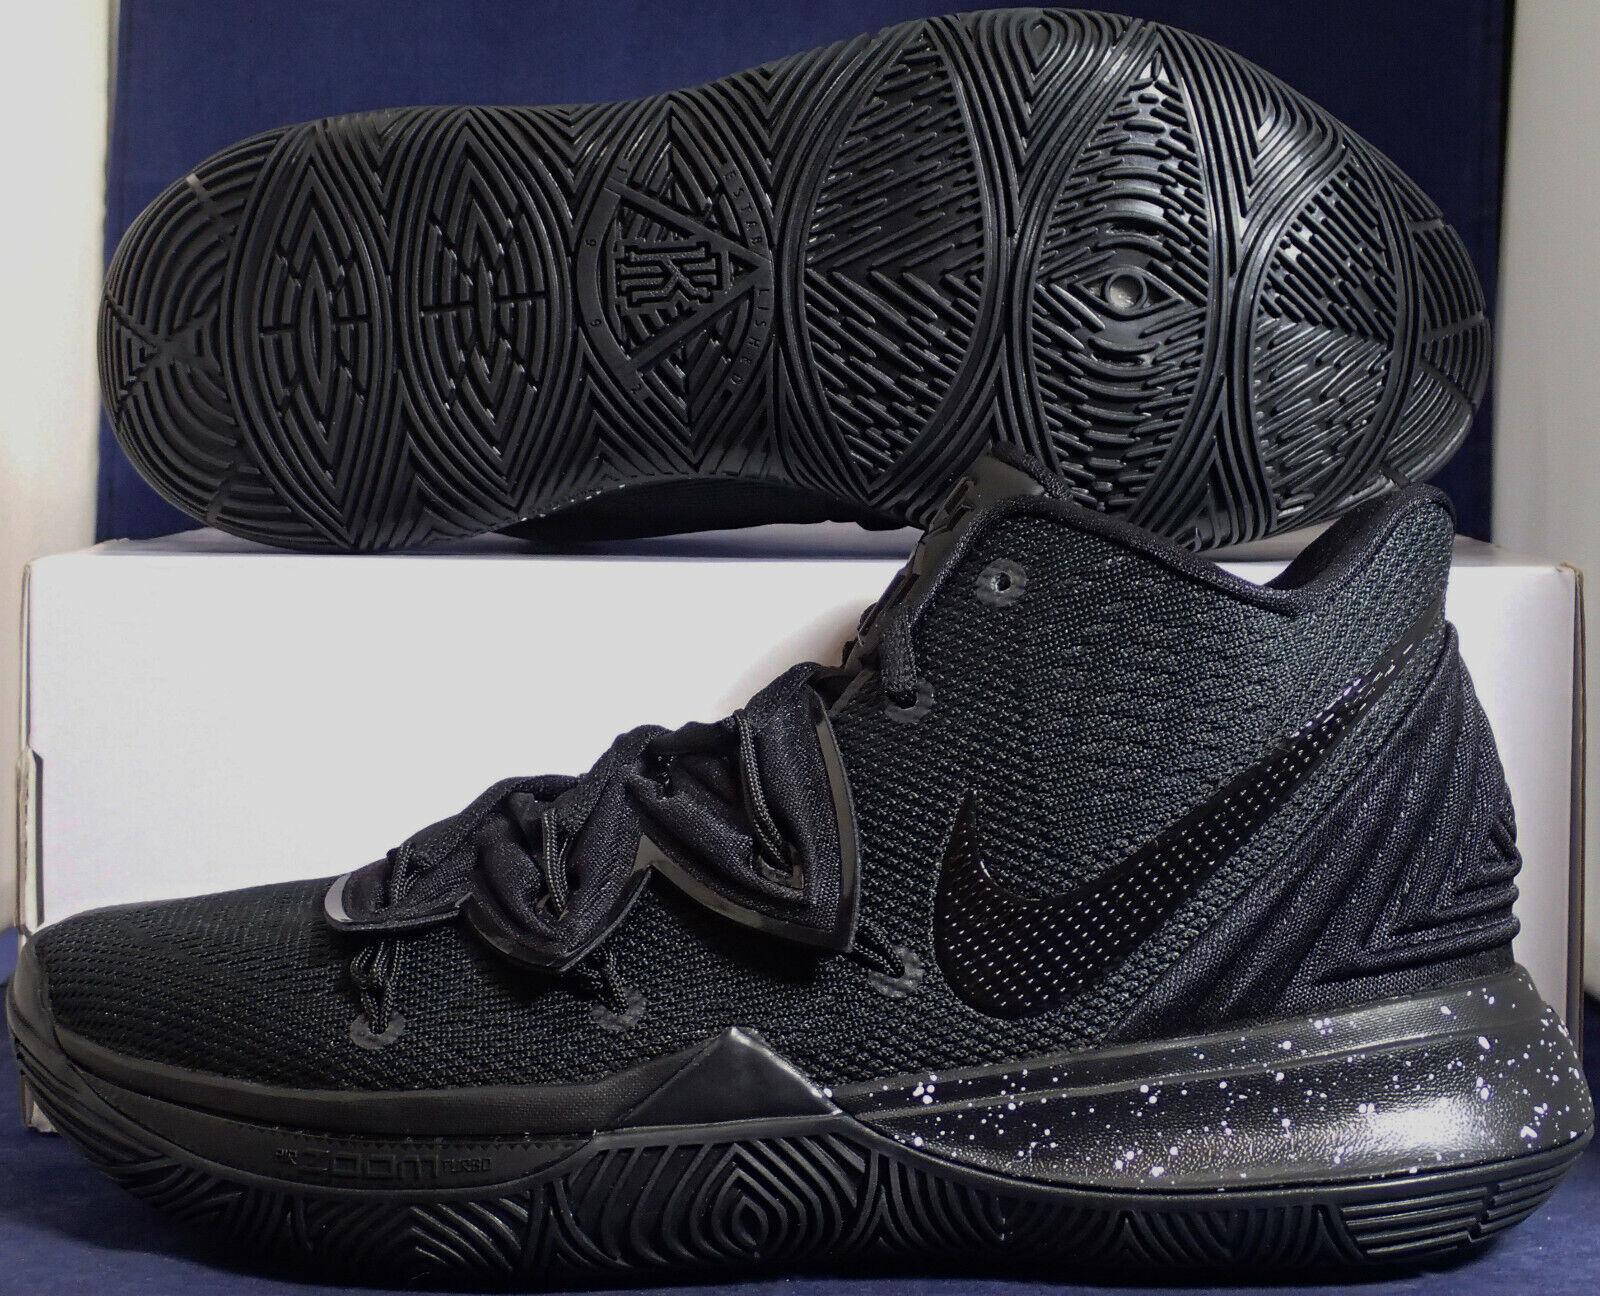 Nike Kyrie  5 Id biancao y nero Dimensione 8 (AV7917 -991)  ecco l'ultimo